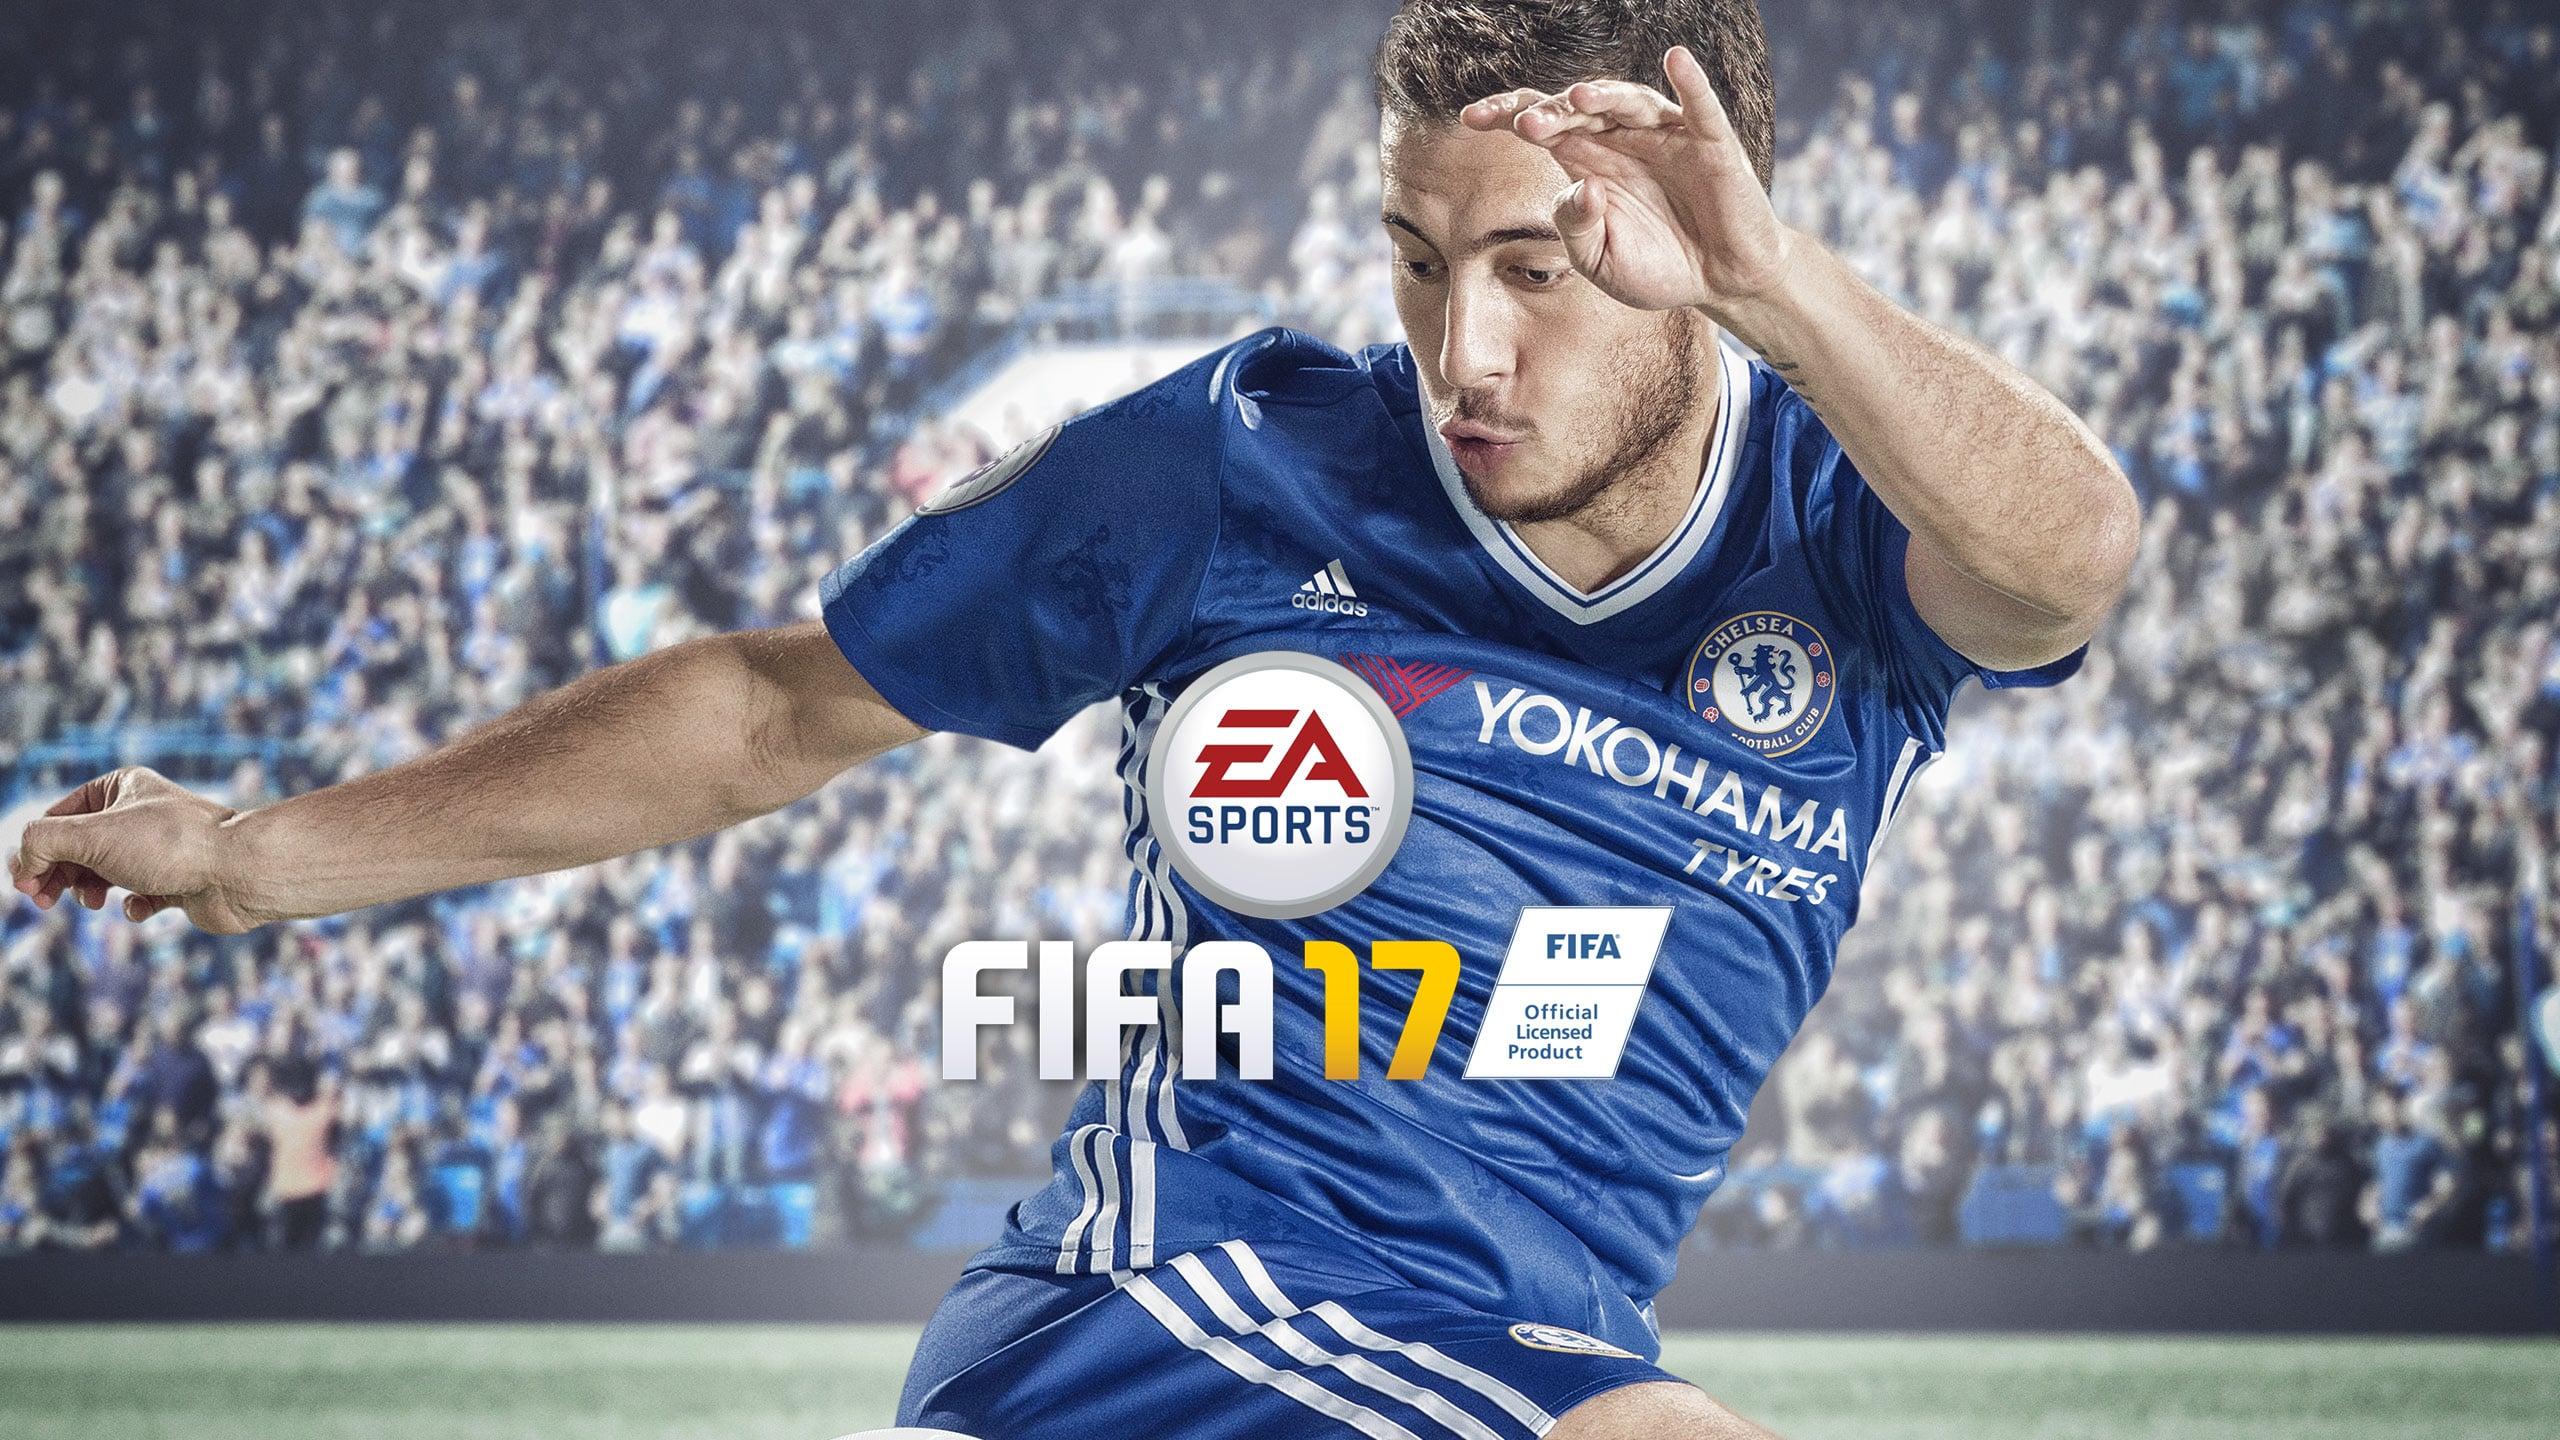 FIFA 17 Desktop wallpapers